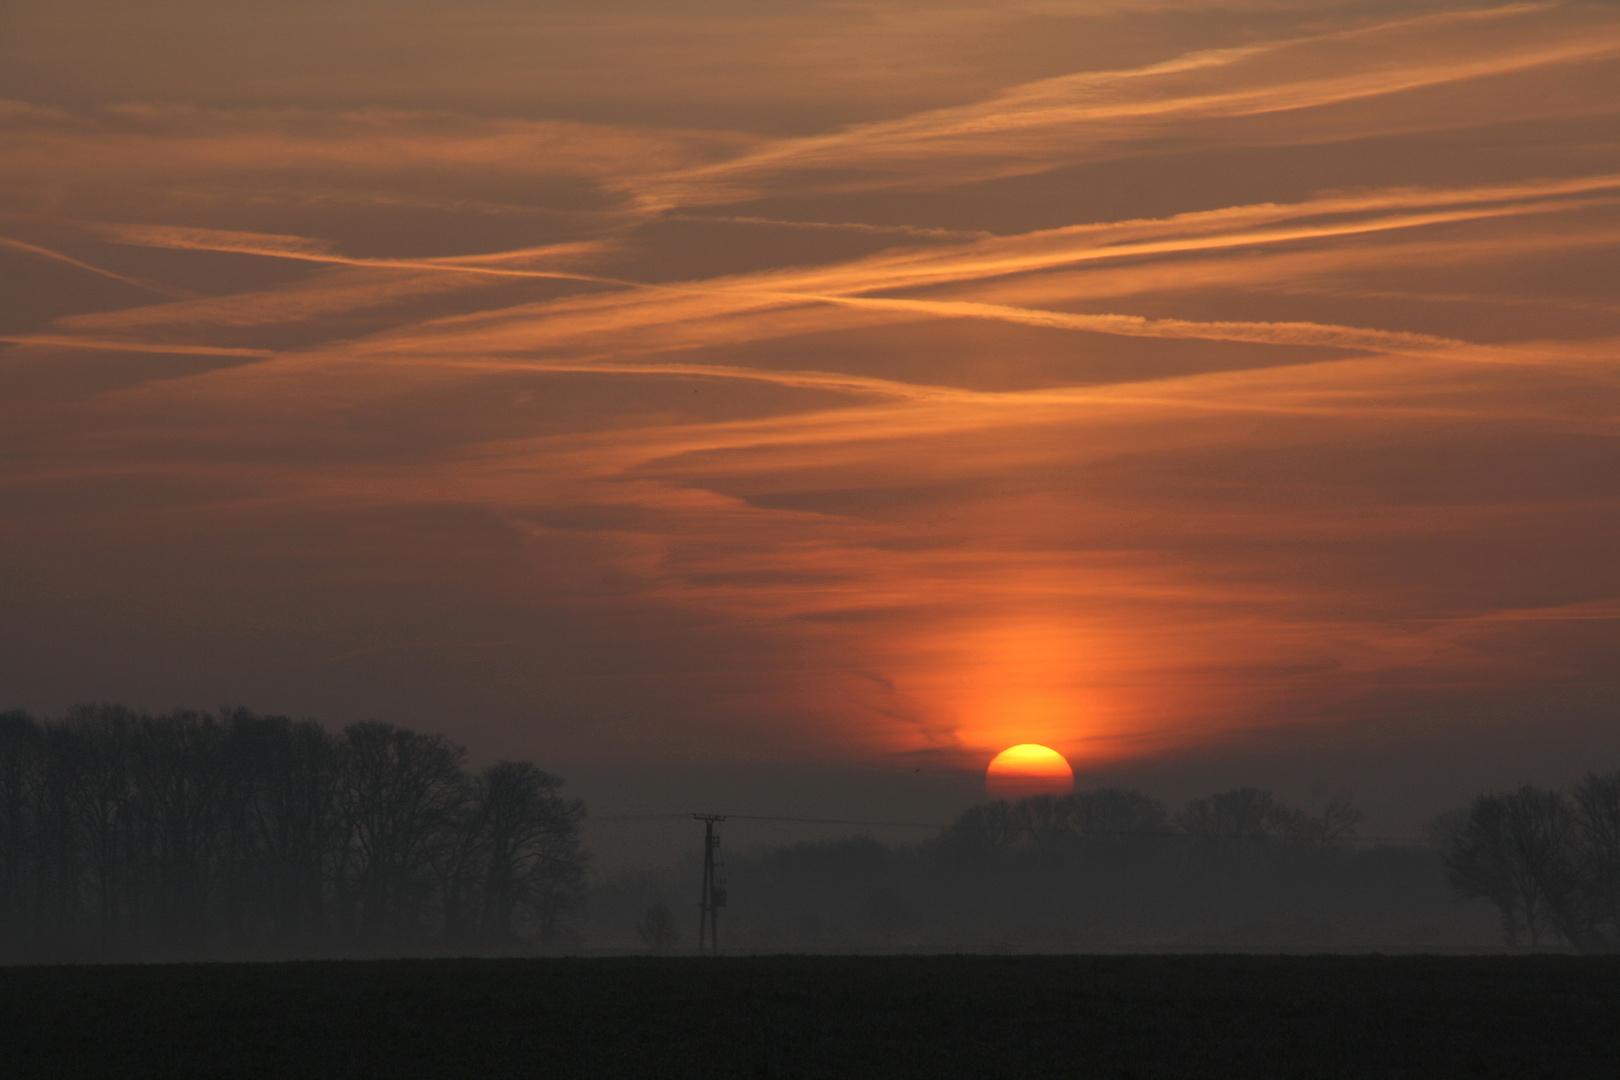 Sonnenaufgang von heute #2